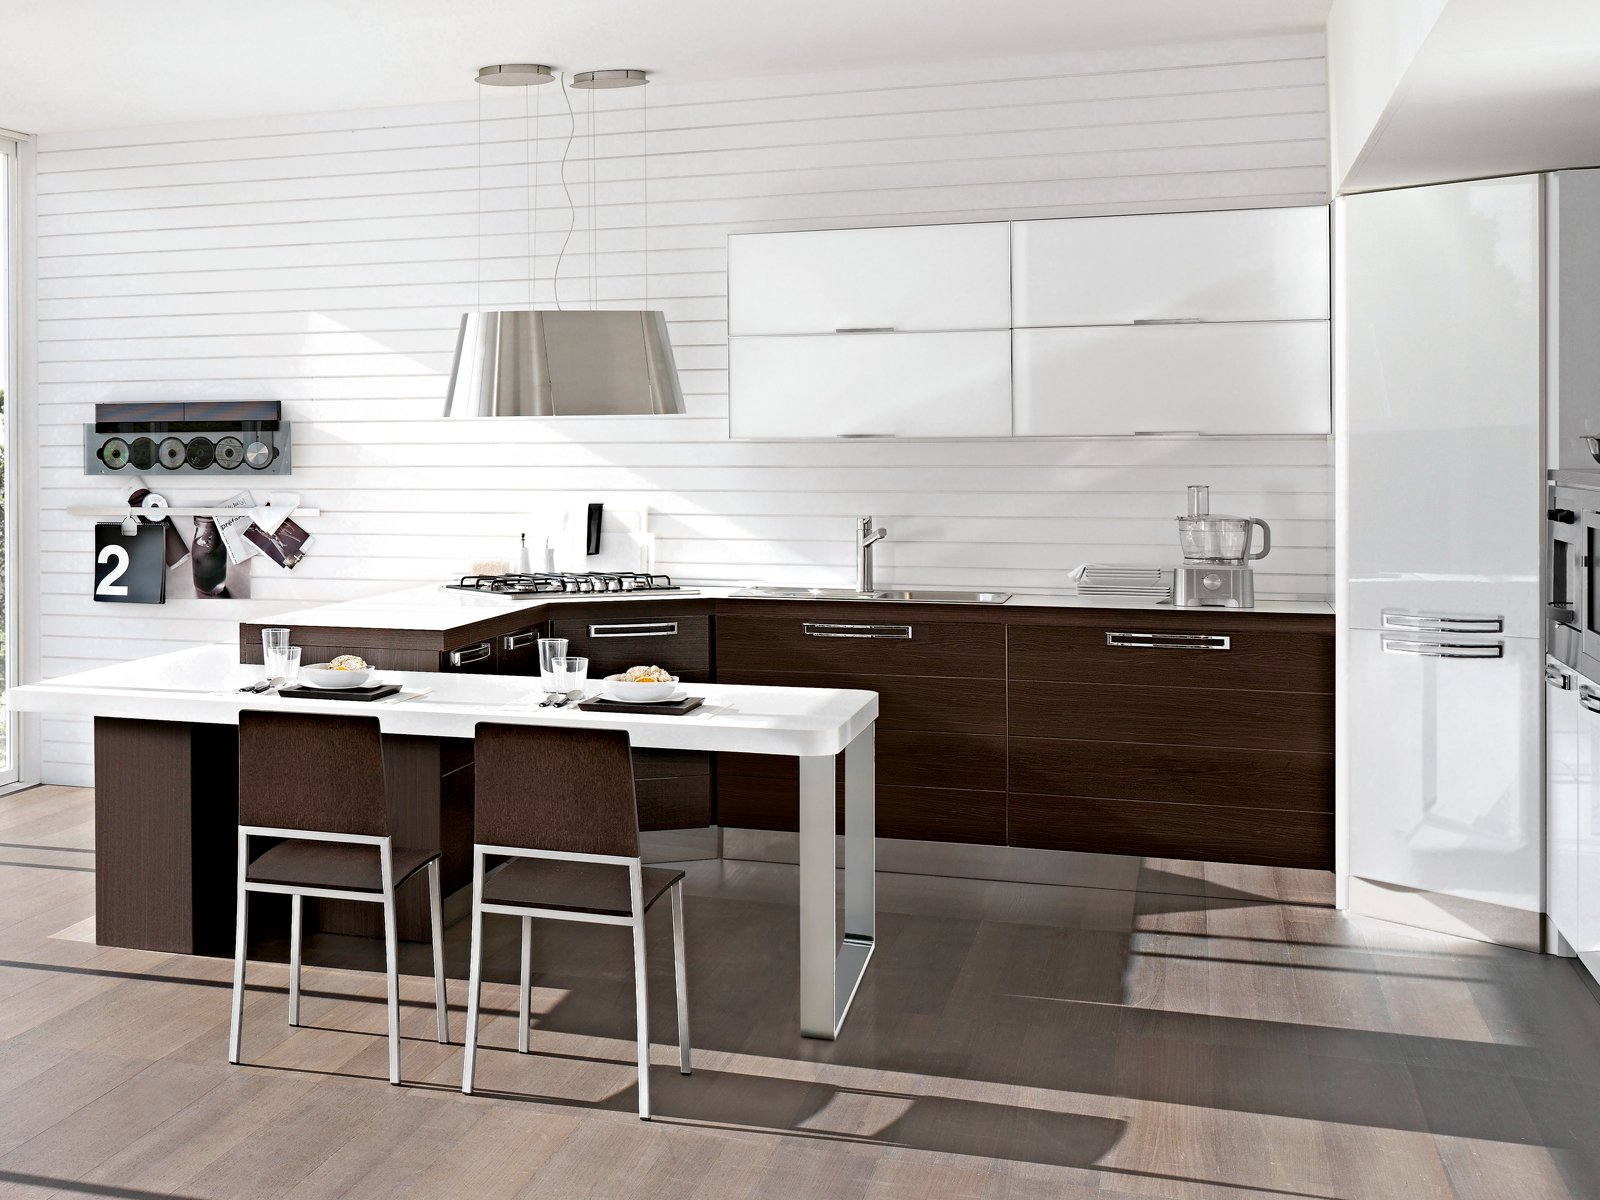 La cucina in soggiorno cose di casa - Levigare il parquet senza togliere i mobili ...